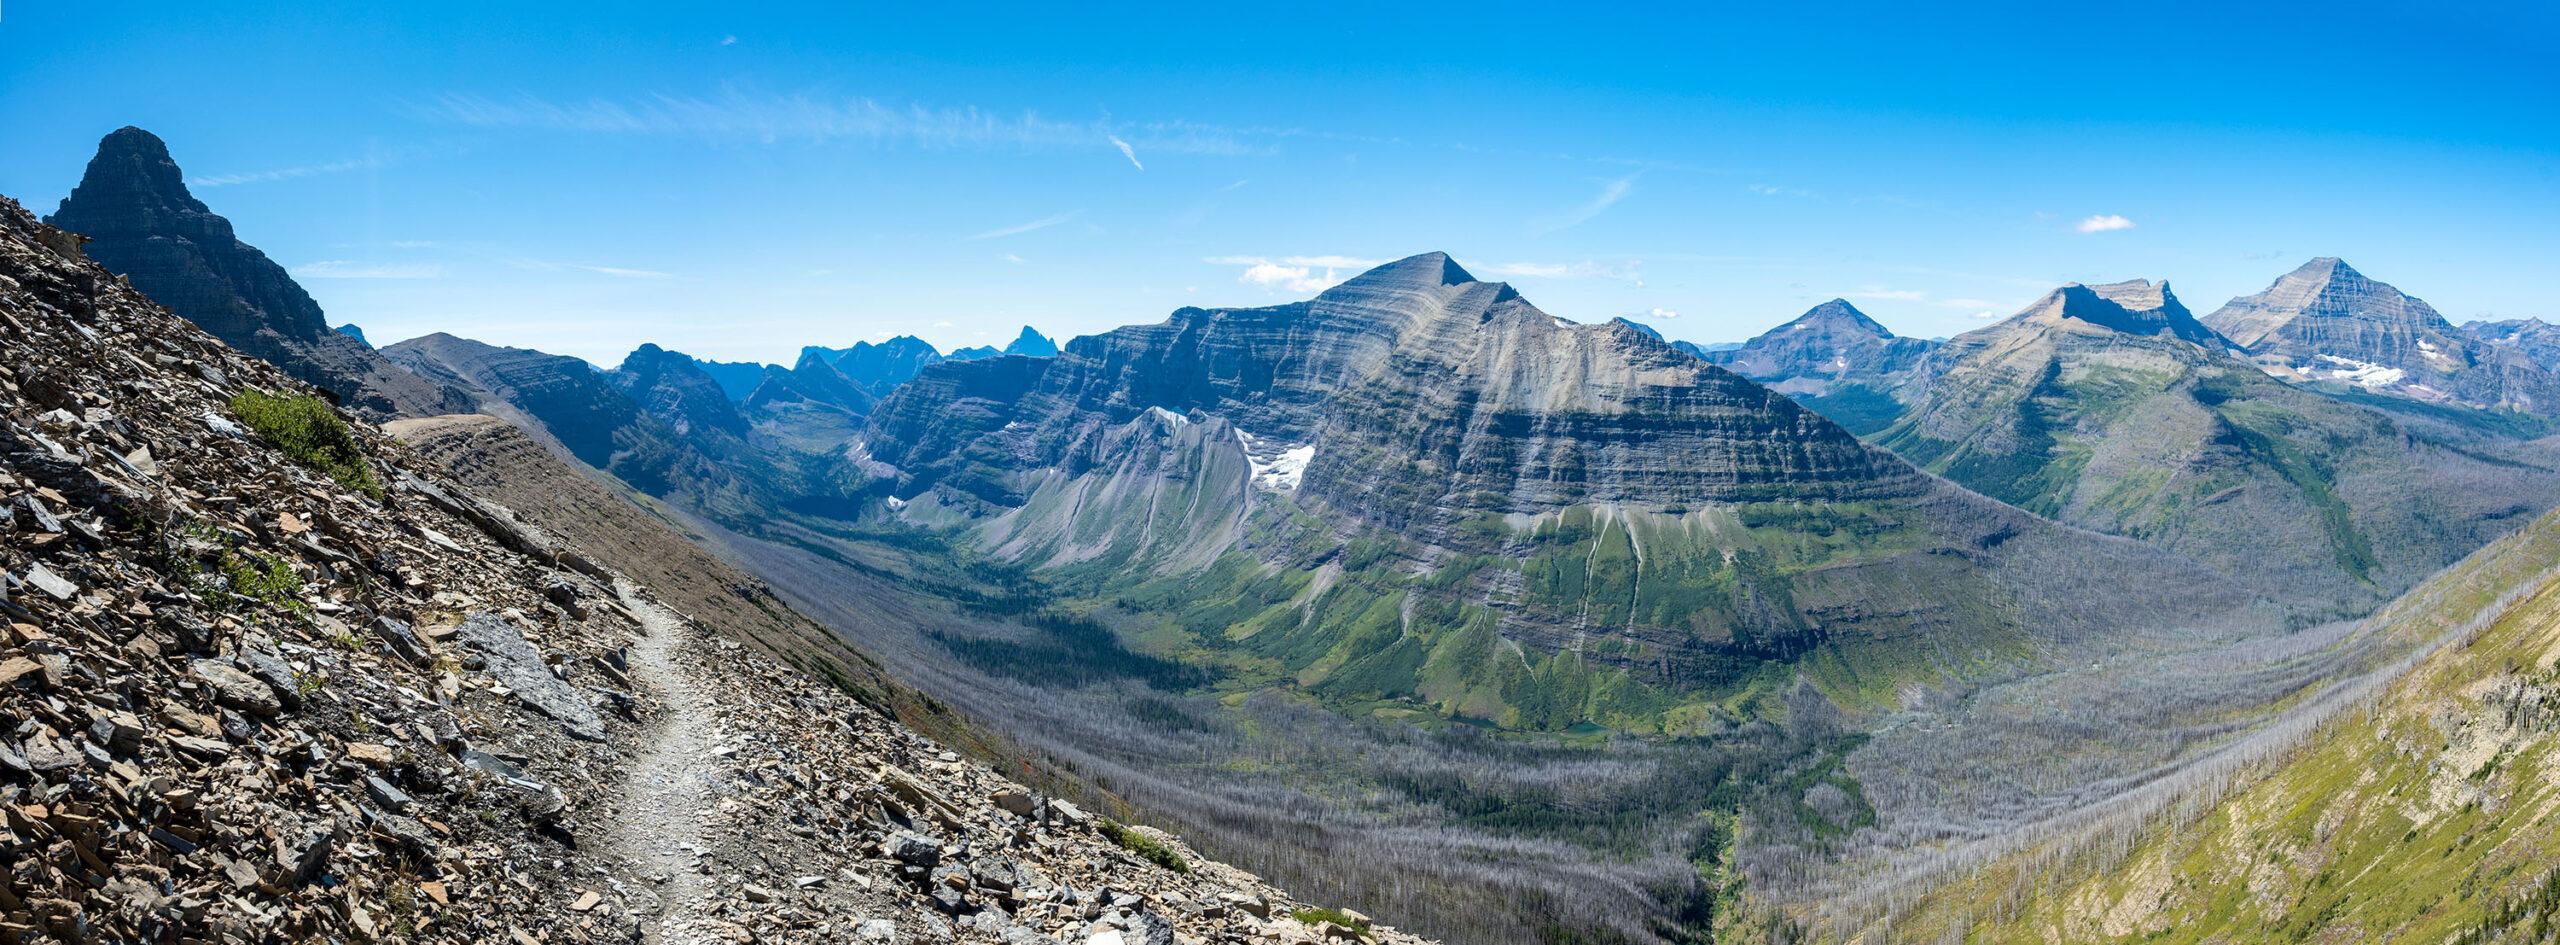 Flinsch Peak, Mt. Phillips, Mt. Pinchot, Mt. Stimson